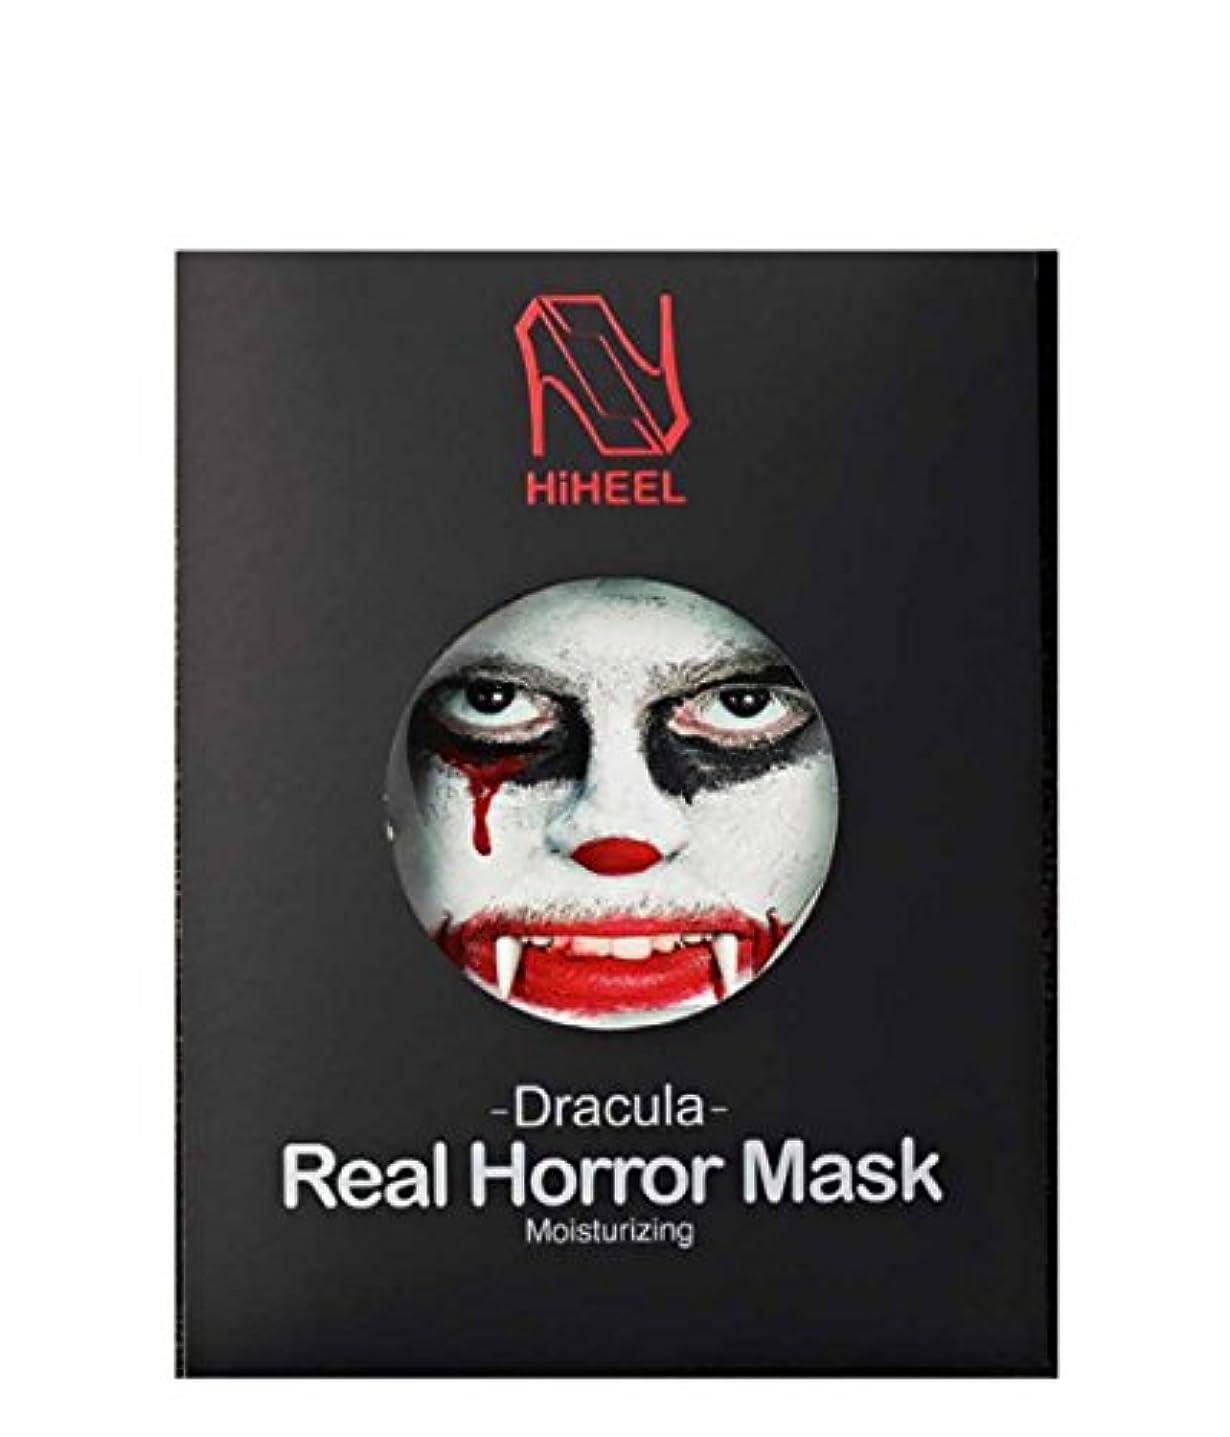 アーク出席する安全(ヒヒエル) HiHEEL Dracula Real Horror Mask Moisturizing 10 Sheets ドラキュラリアルホラーマスクモイスチャライジング CH1278870 [並行輸入品]